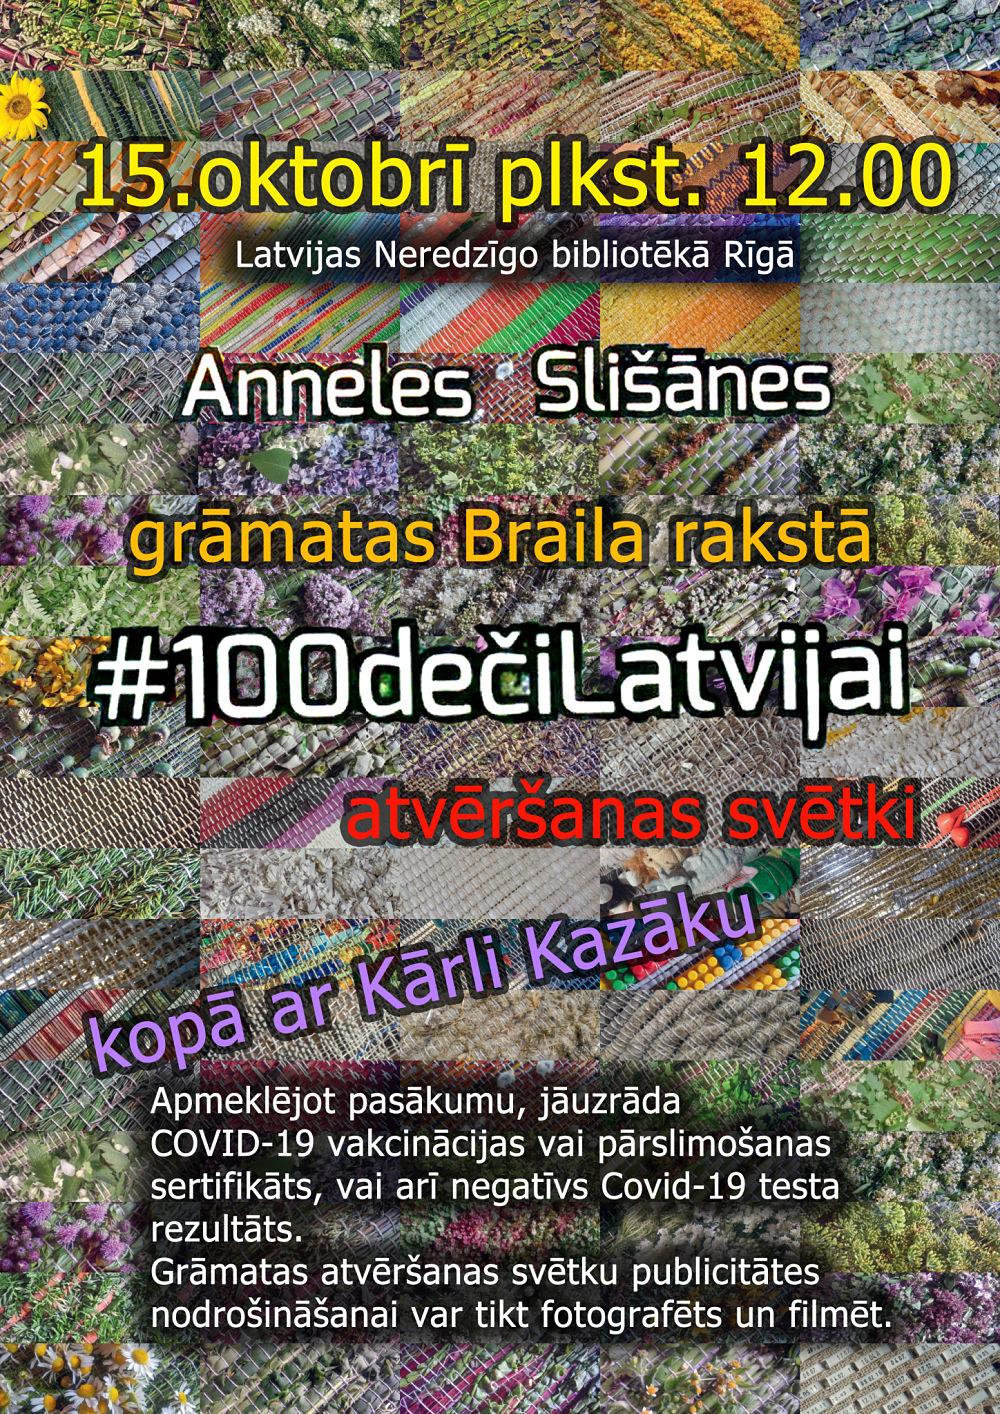 Plakāts #100dečiLatvijai